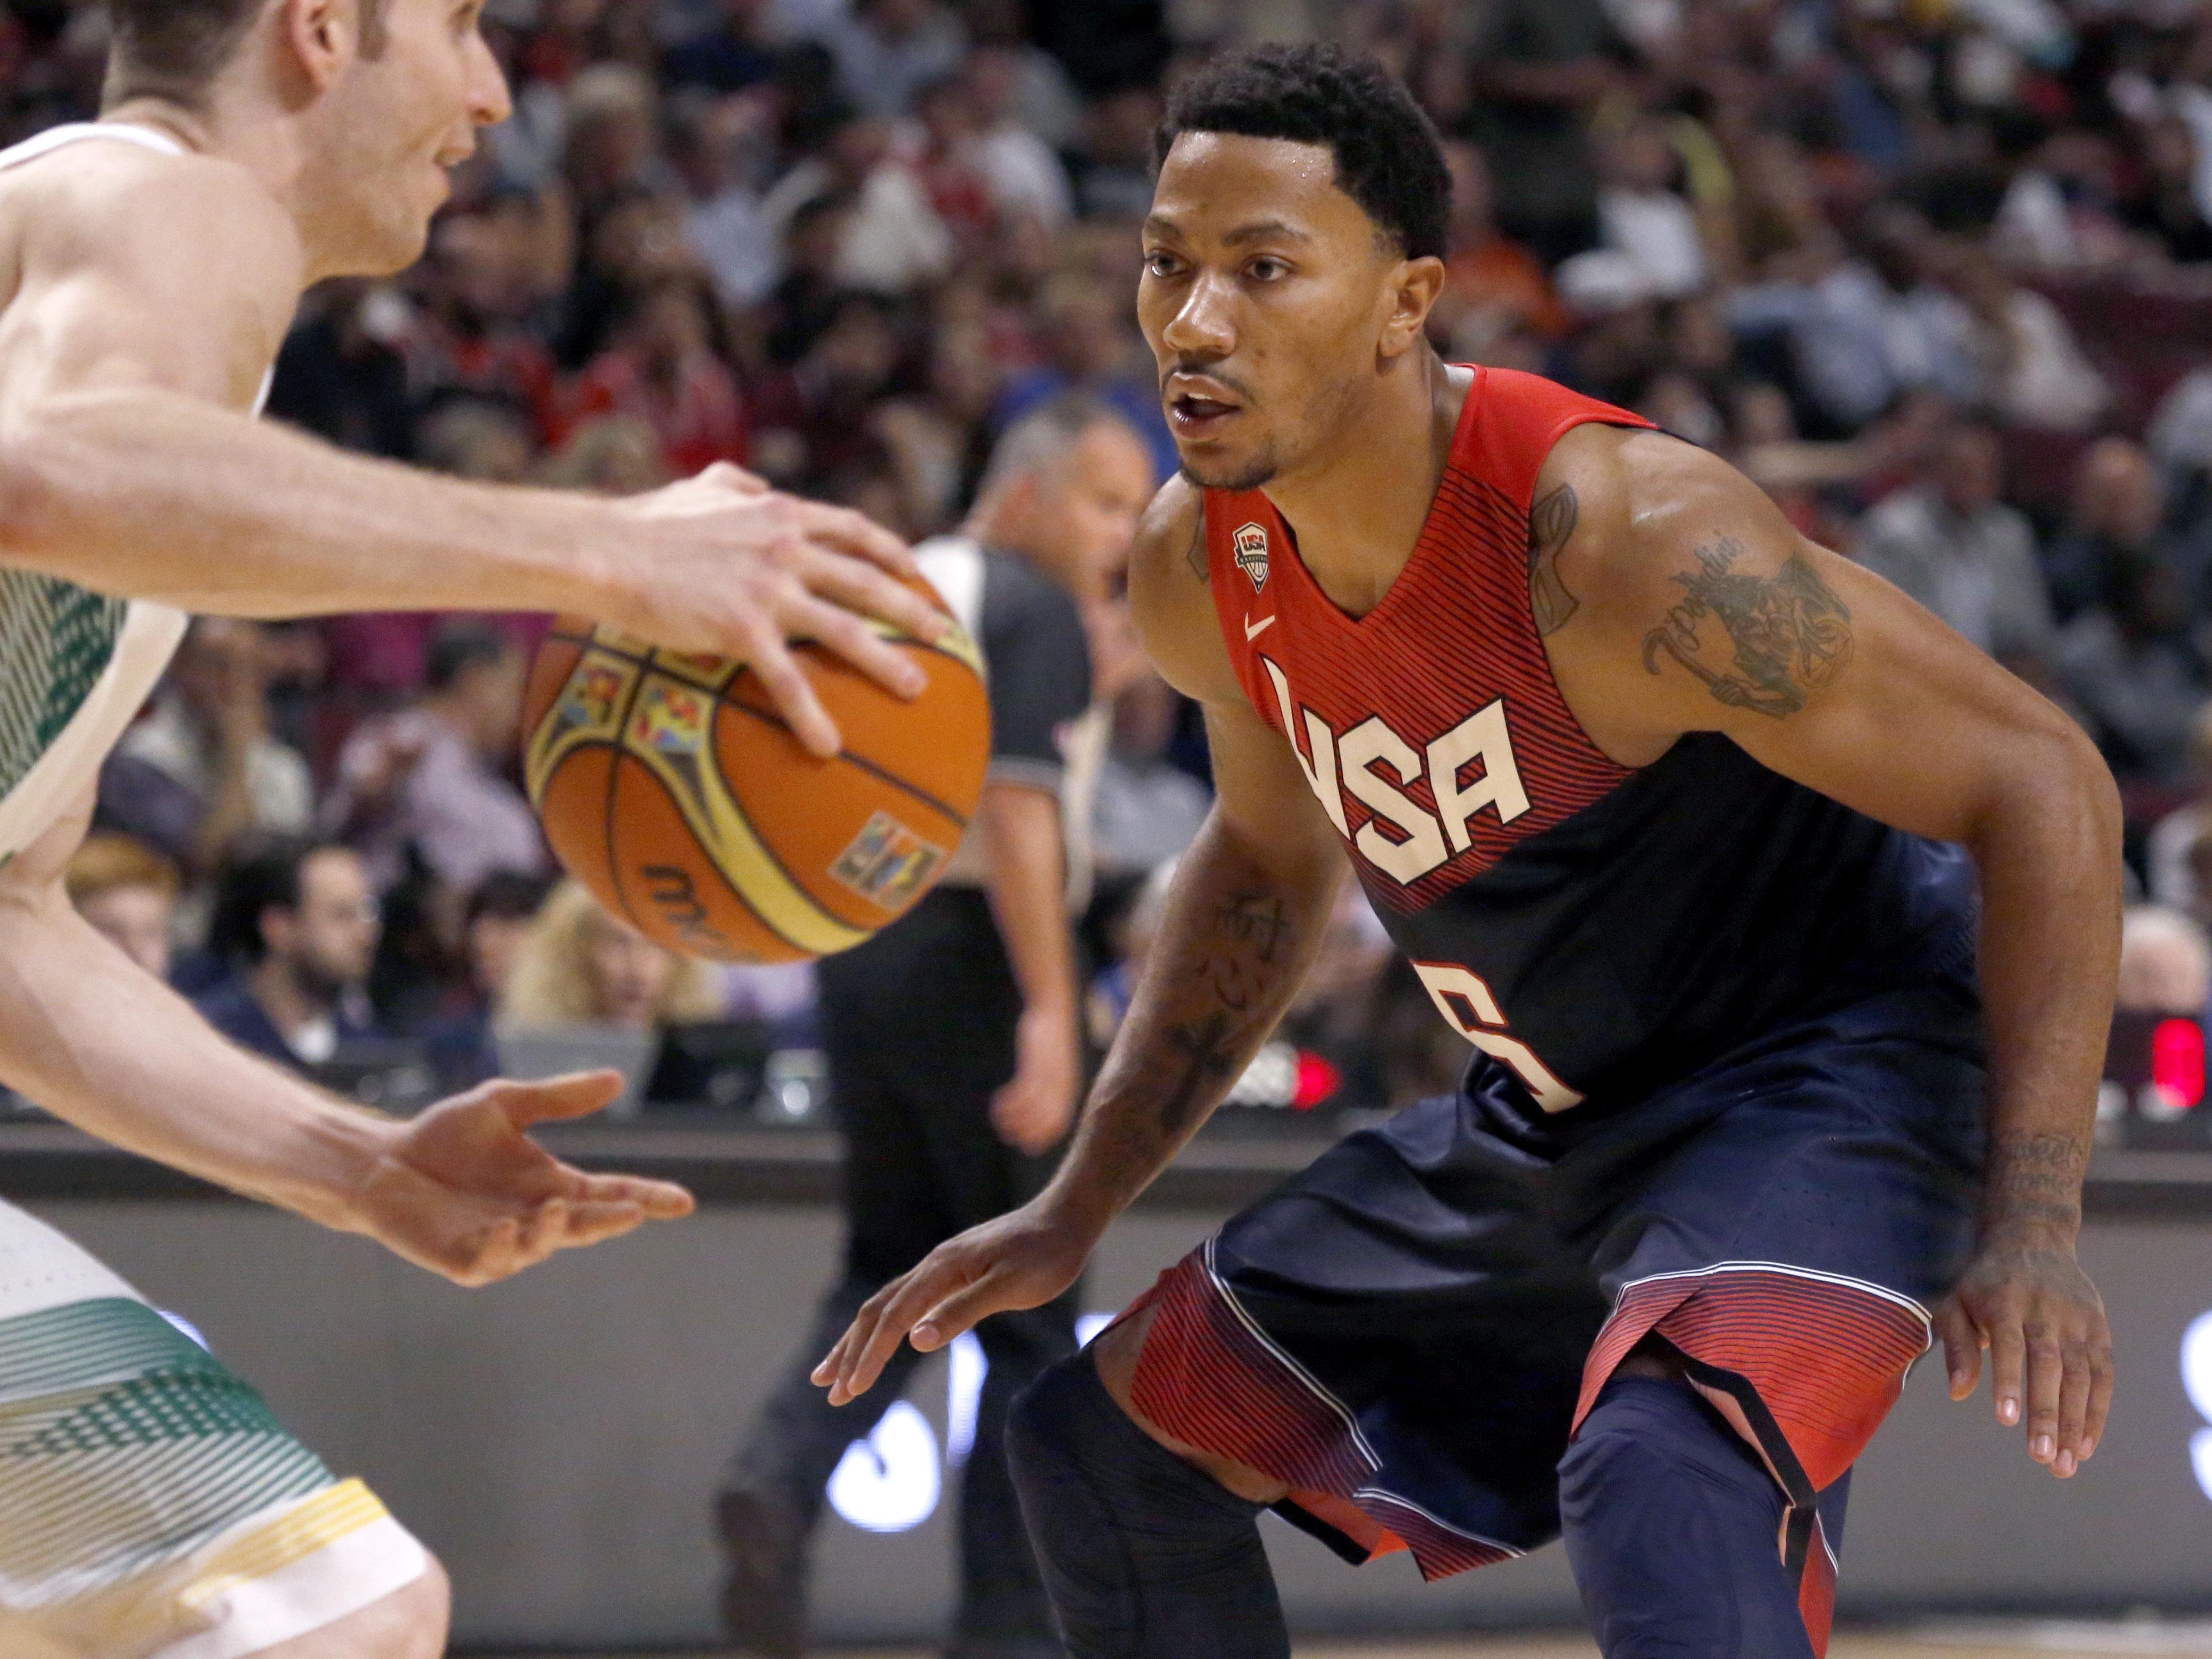 Brazil USA Basketball